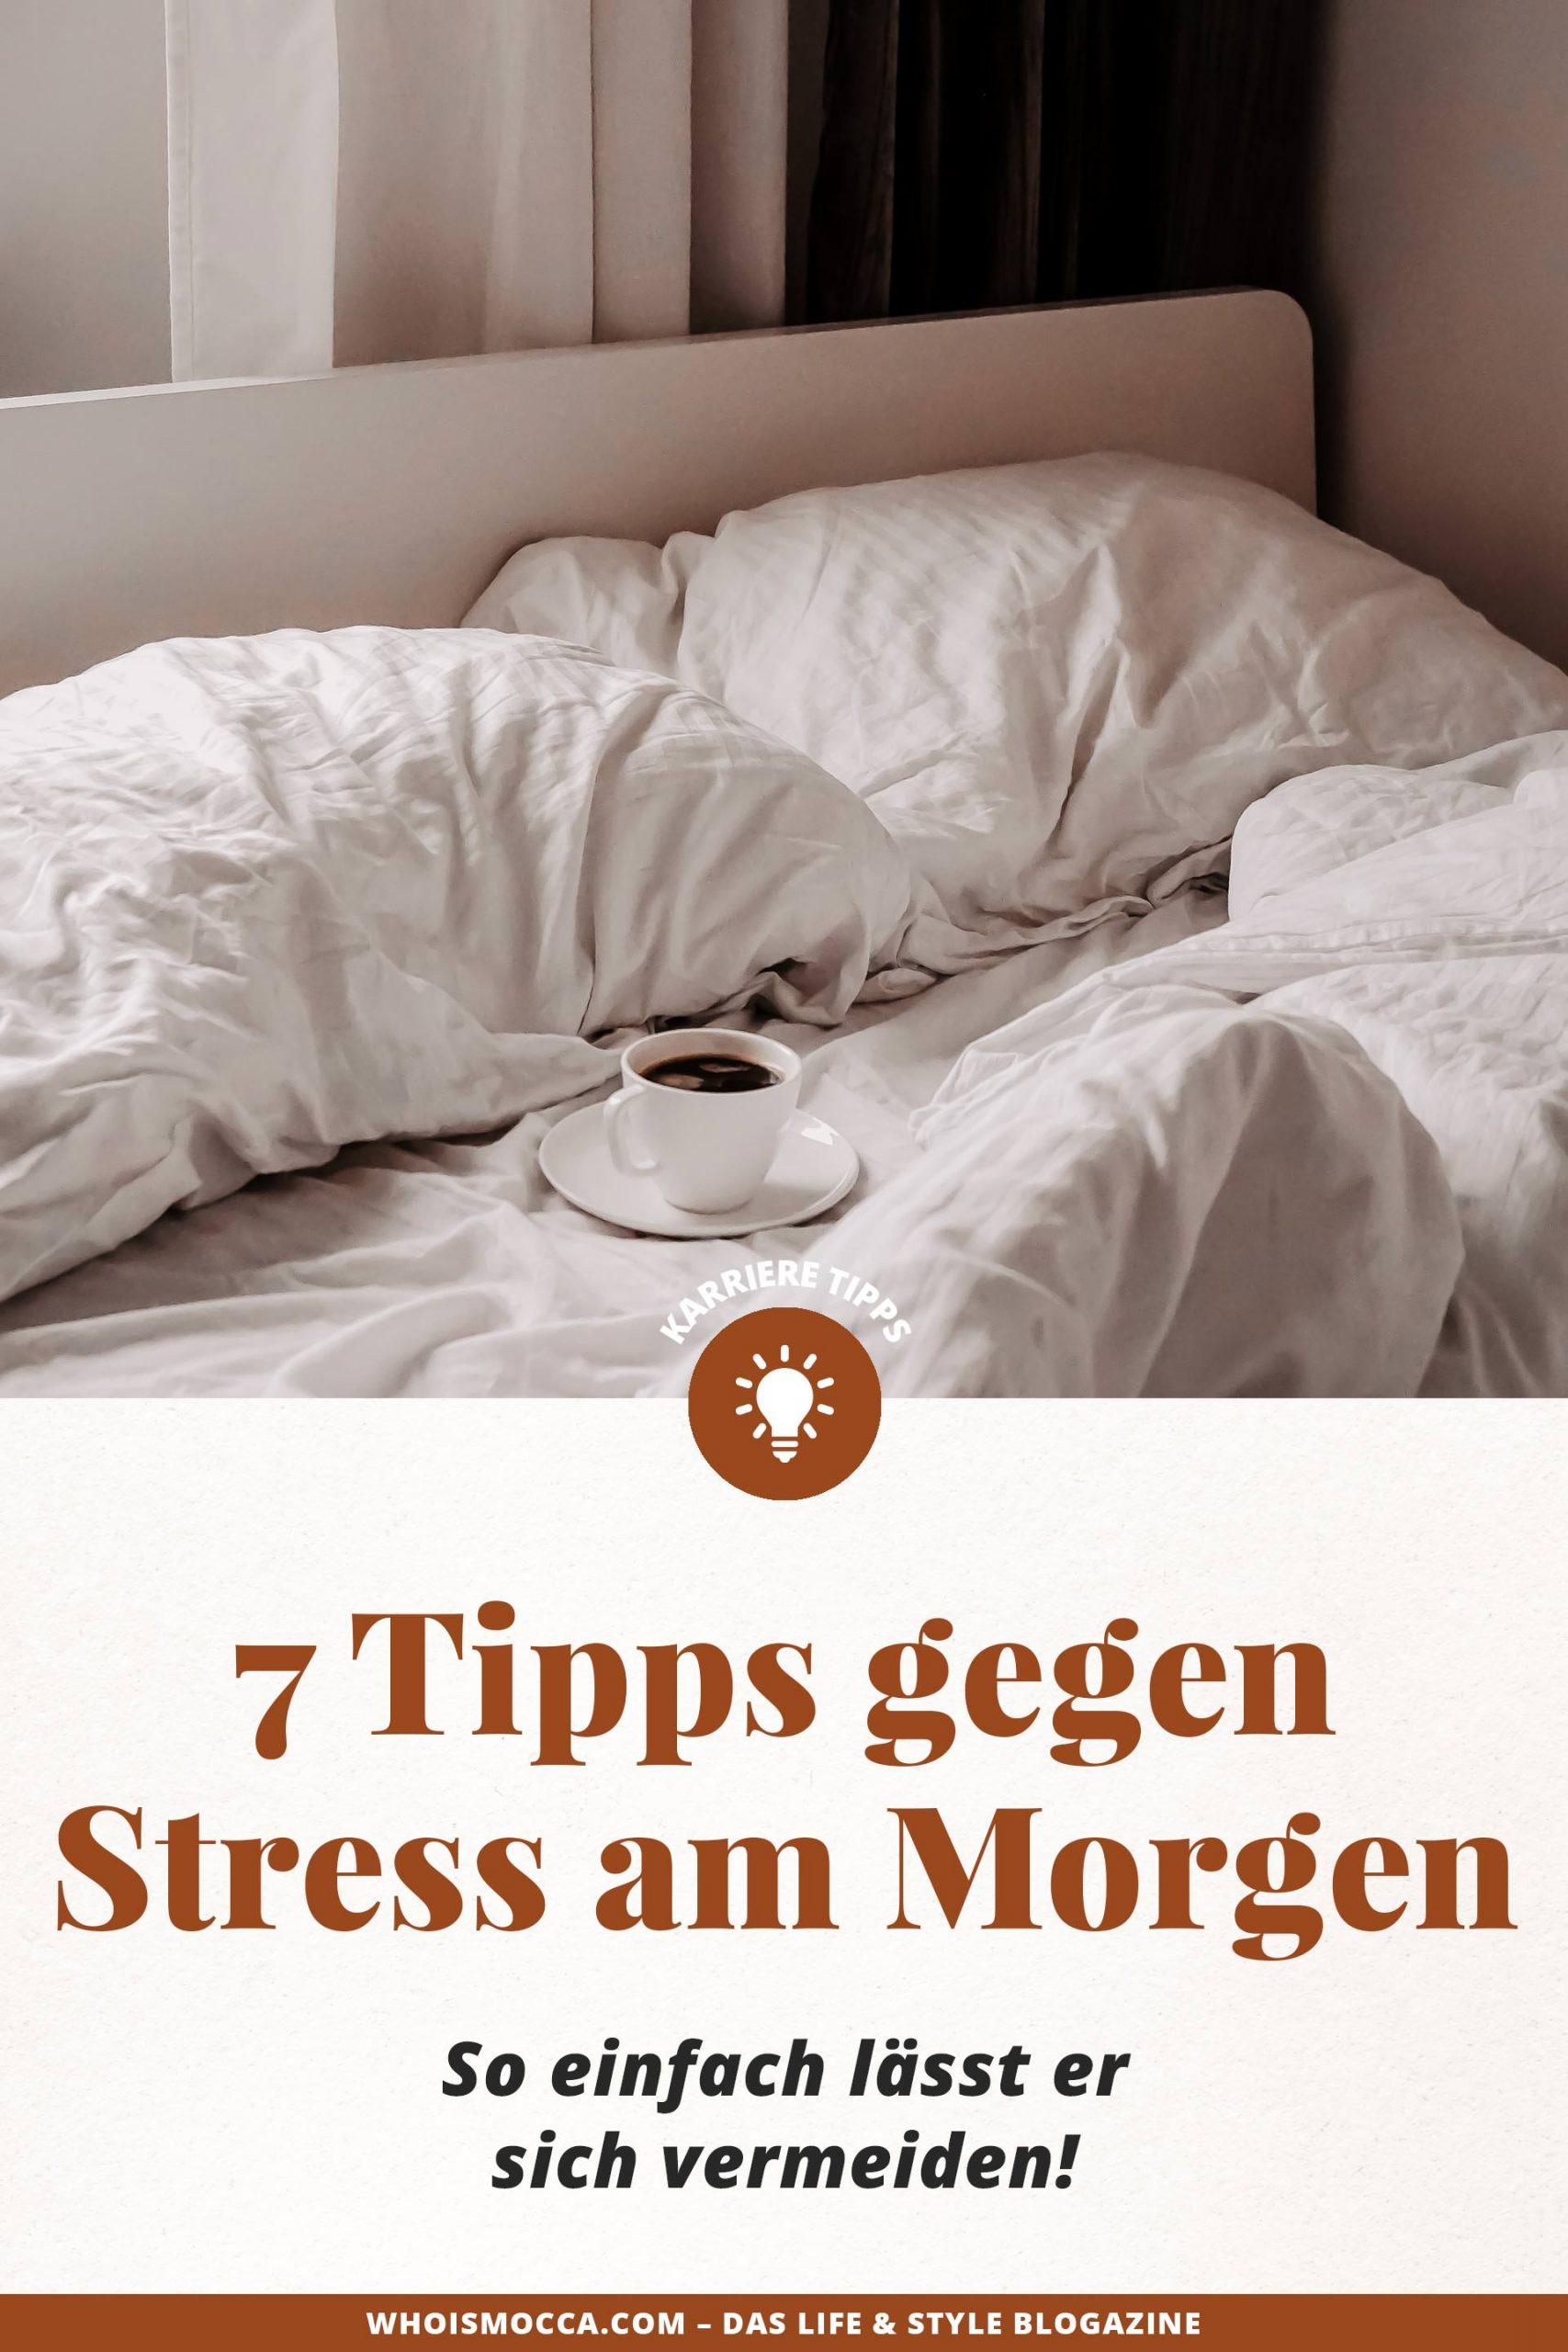 Kennst du das auch? Stress am Morgen ist oft ein stetiger Begleiter und kann uns sogar den ganzen Tag vermießen. Dabei lässt sich Stress doch eigentlich recht leicht vermeiden.Im heutigen Blogbeitrag auf meinem Karriere Blog zeige ich dir, wie du mit einfachen Tipps und Tricks den Stress am Morgen loswerden kannst und dem Tag eine Chance geben kannst, ein guter zu werden. #stress #stressmanagement #karrieretipps